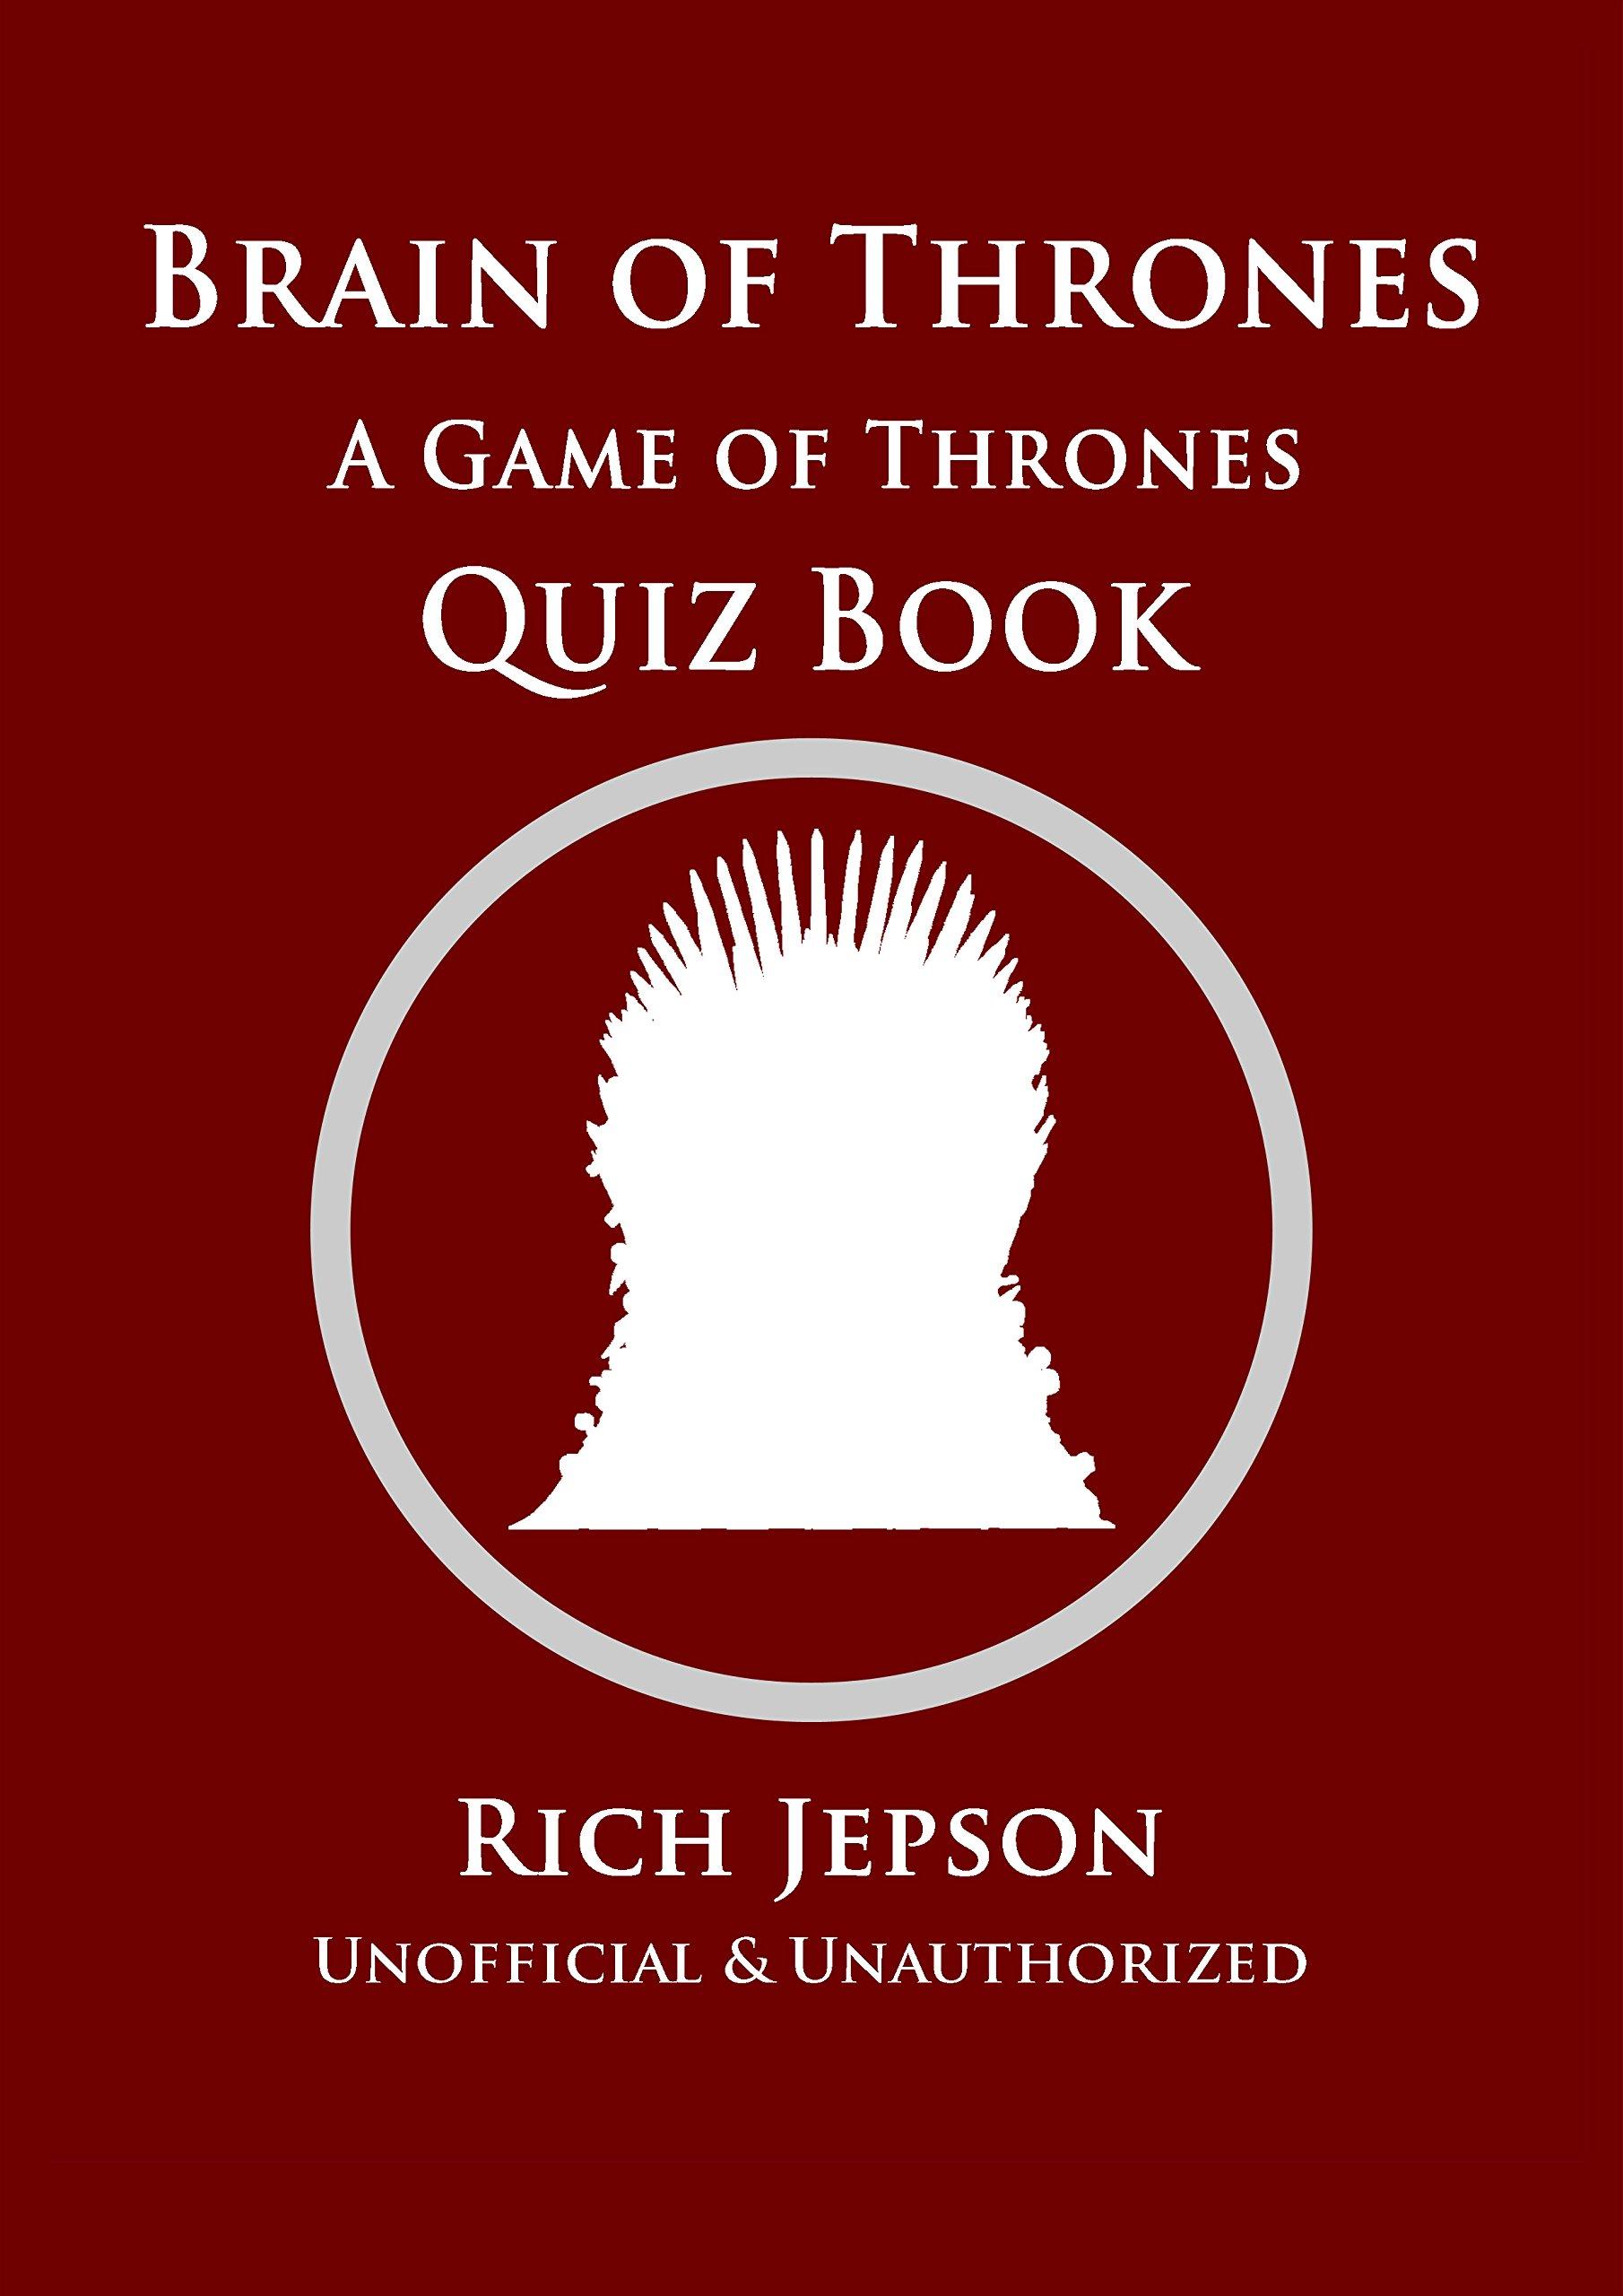 Brain Of Thrones A Game Of Thrones Quiz Book Buy Online In Antigua And Barbuda At Antigua Desertcart Com Productid 110470639